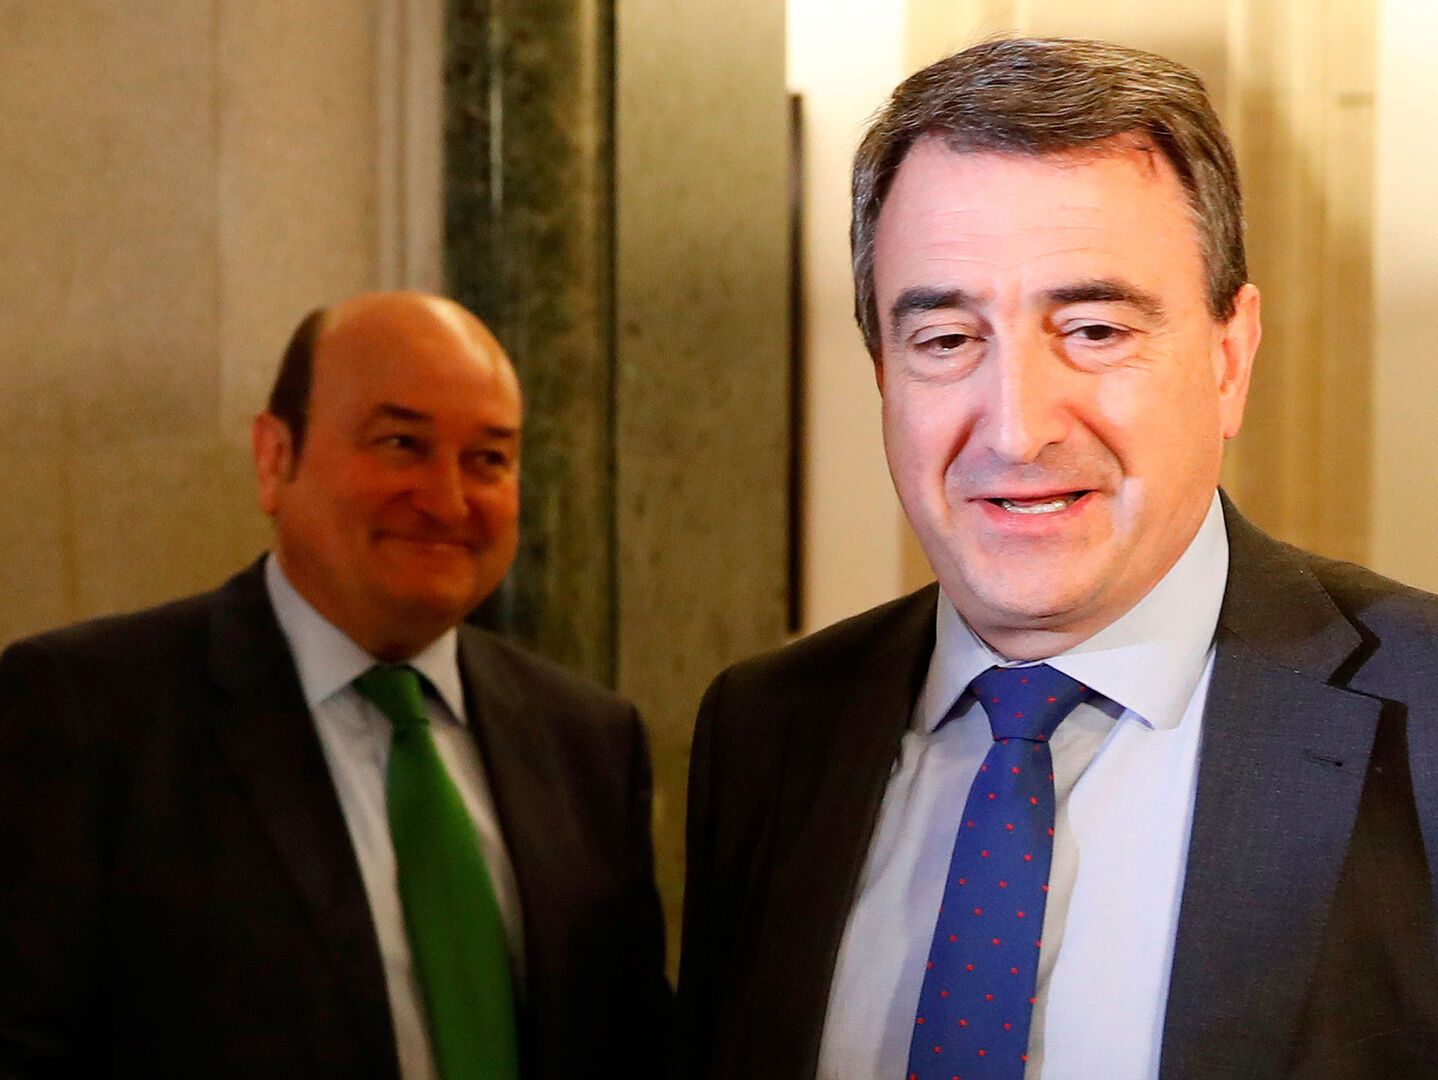 Se apoyará Pedro Sánchez en independentistas para formar gobierno